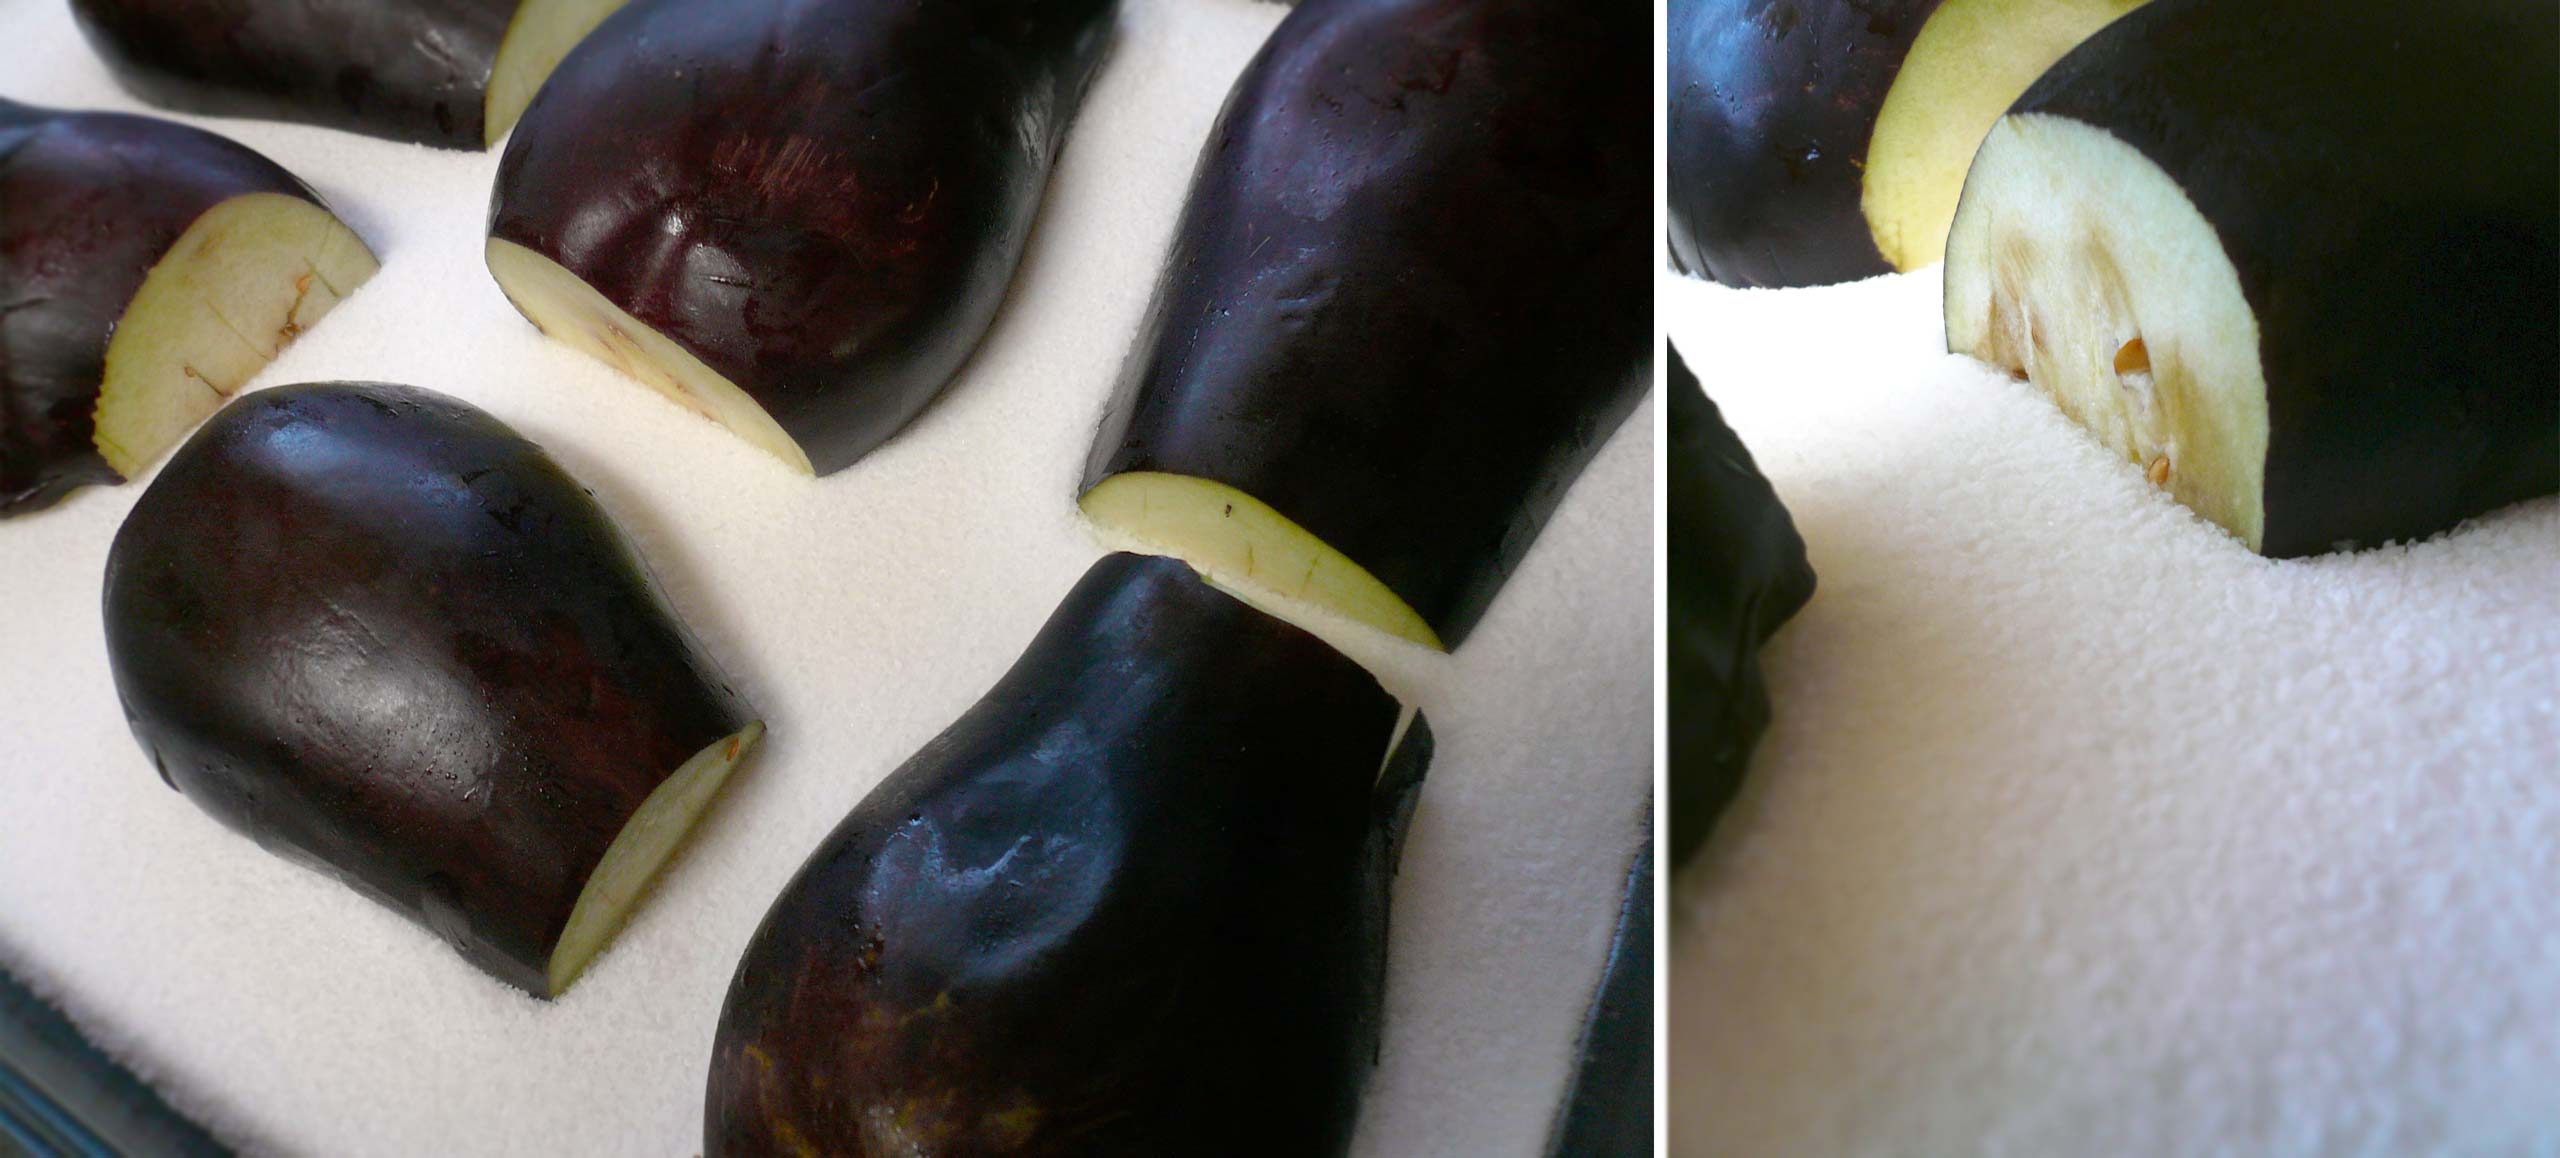 Eggplants on salt